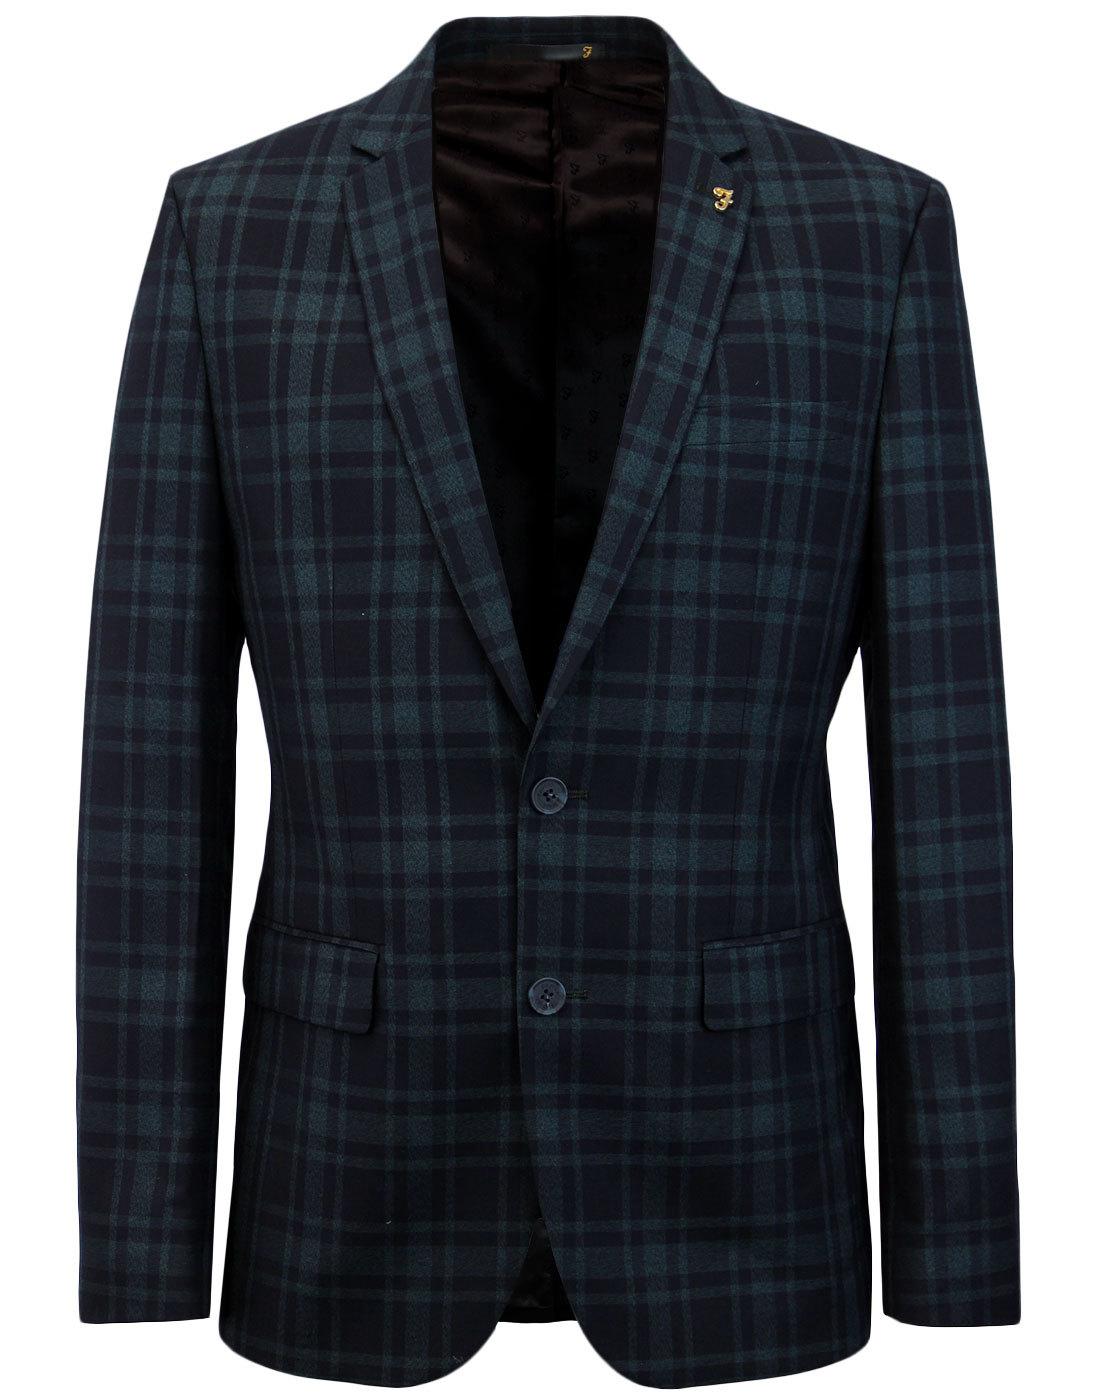 Ashworth FARAH 60s Mod 2 Button Check Suit Jacket